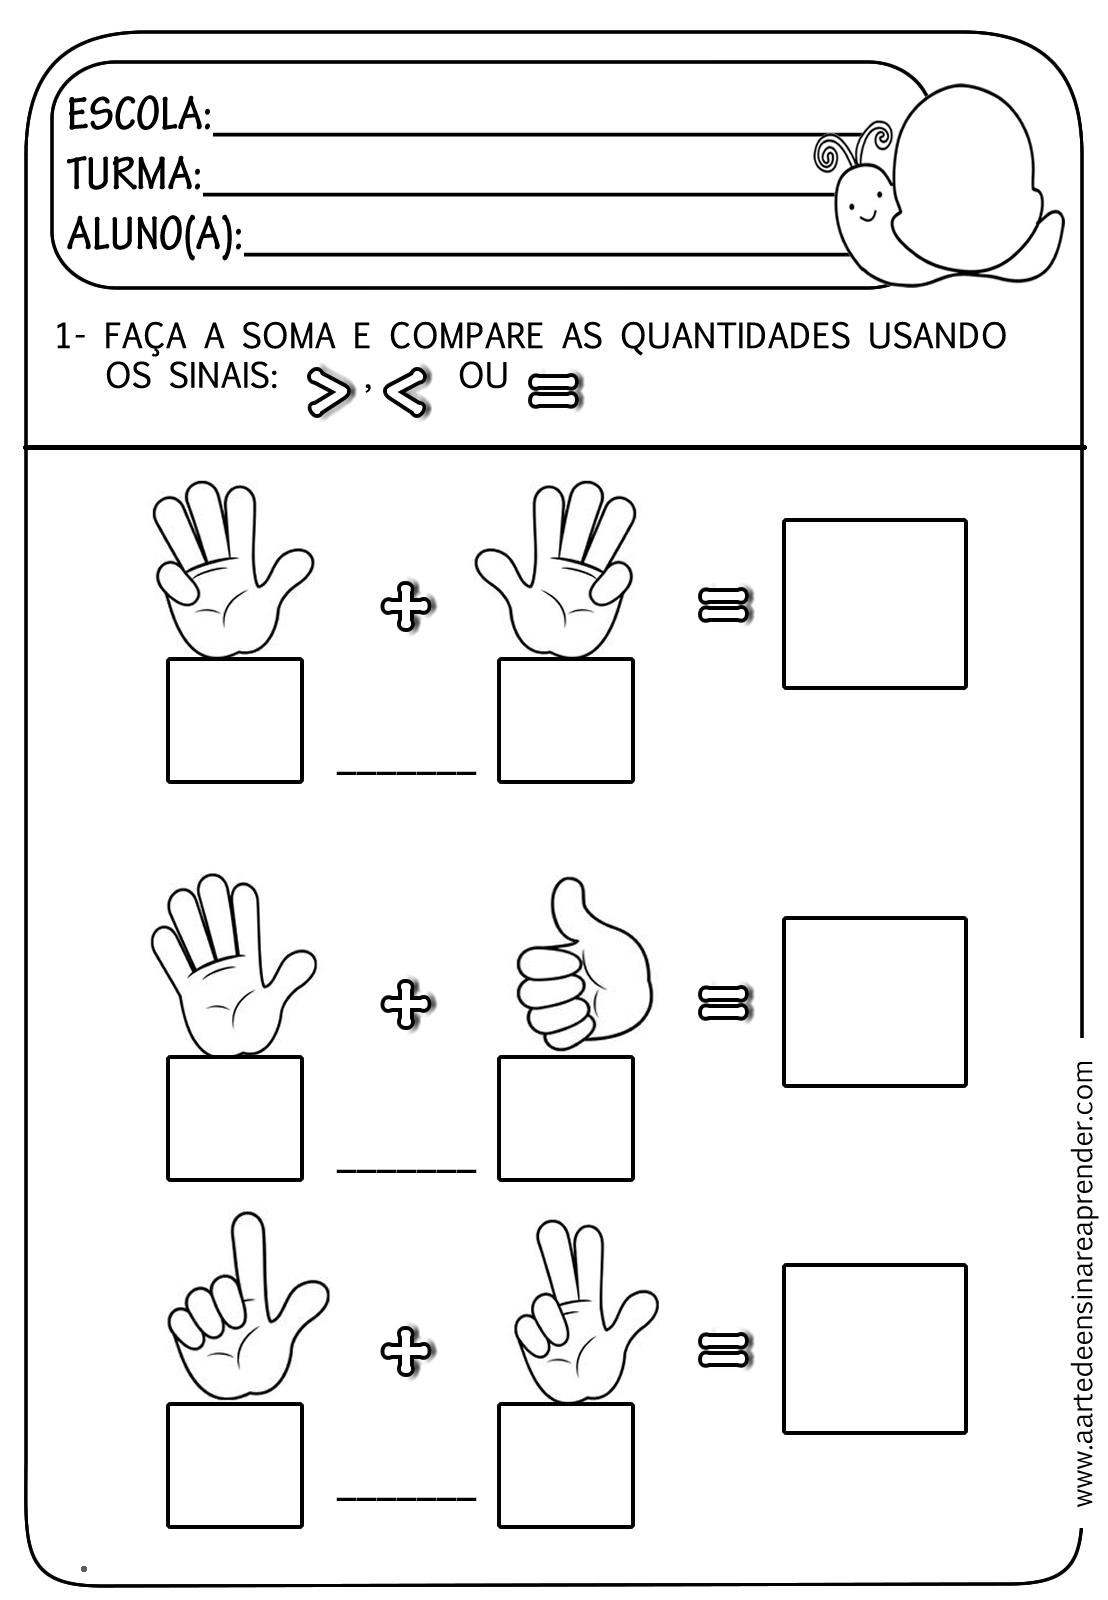 Atividade pronta - Soma e comparação de quantidades | Maths ...